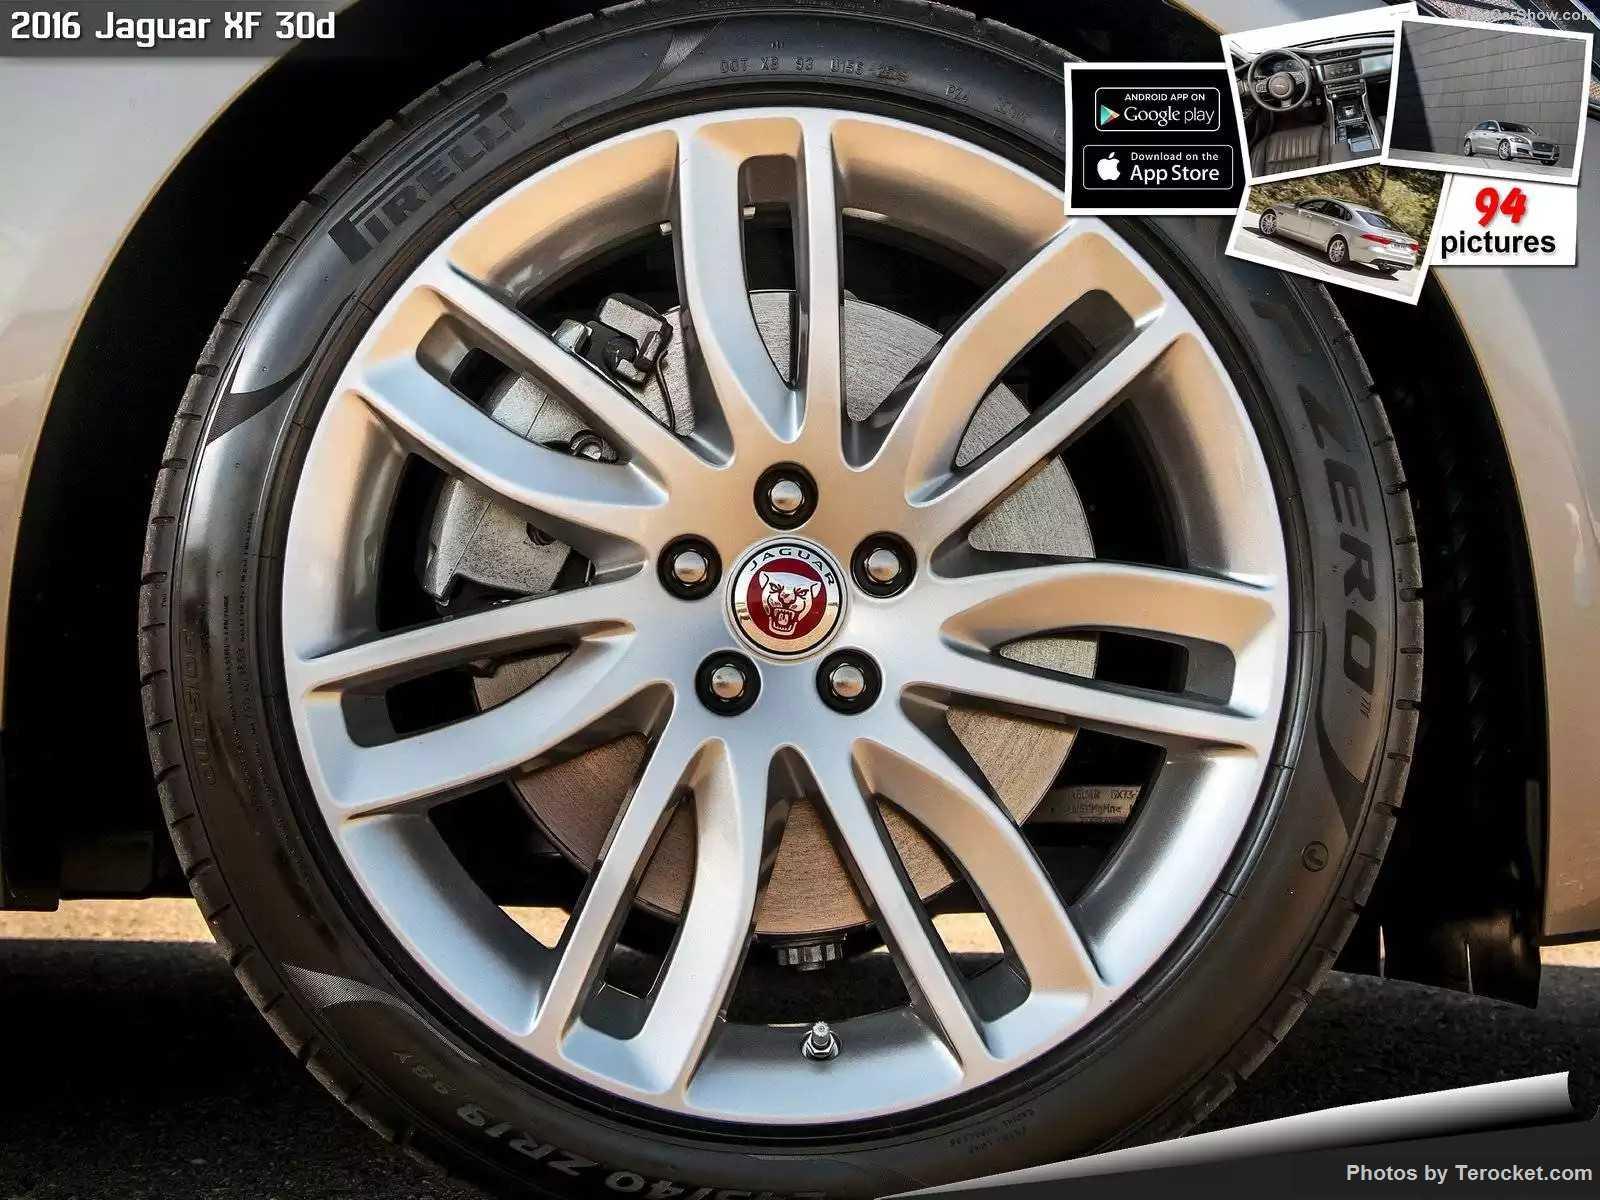 Hình ảnh xe ô tô Jaguar XF 30d 2016 & nội ngoại thất